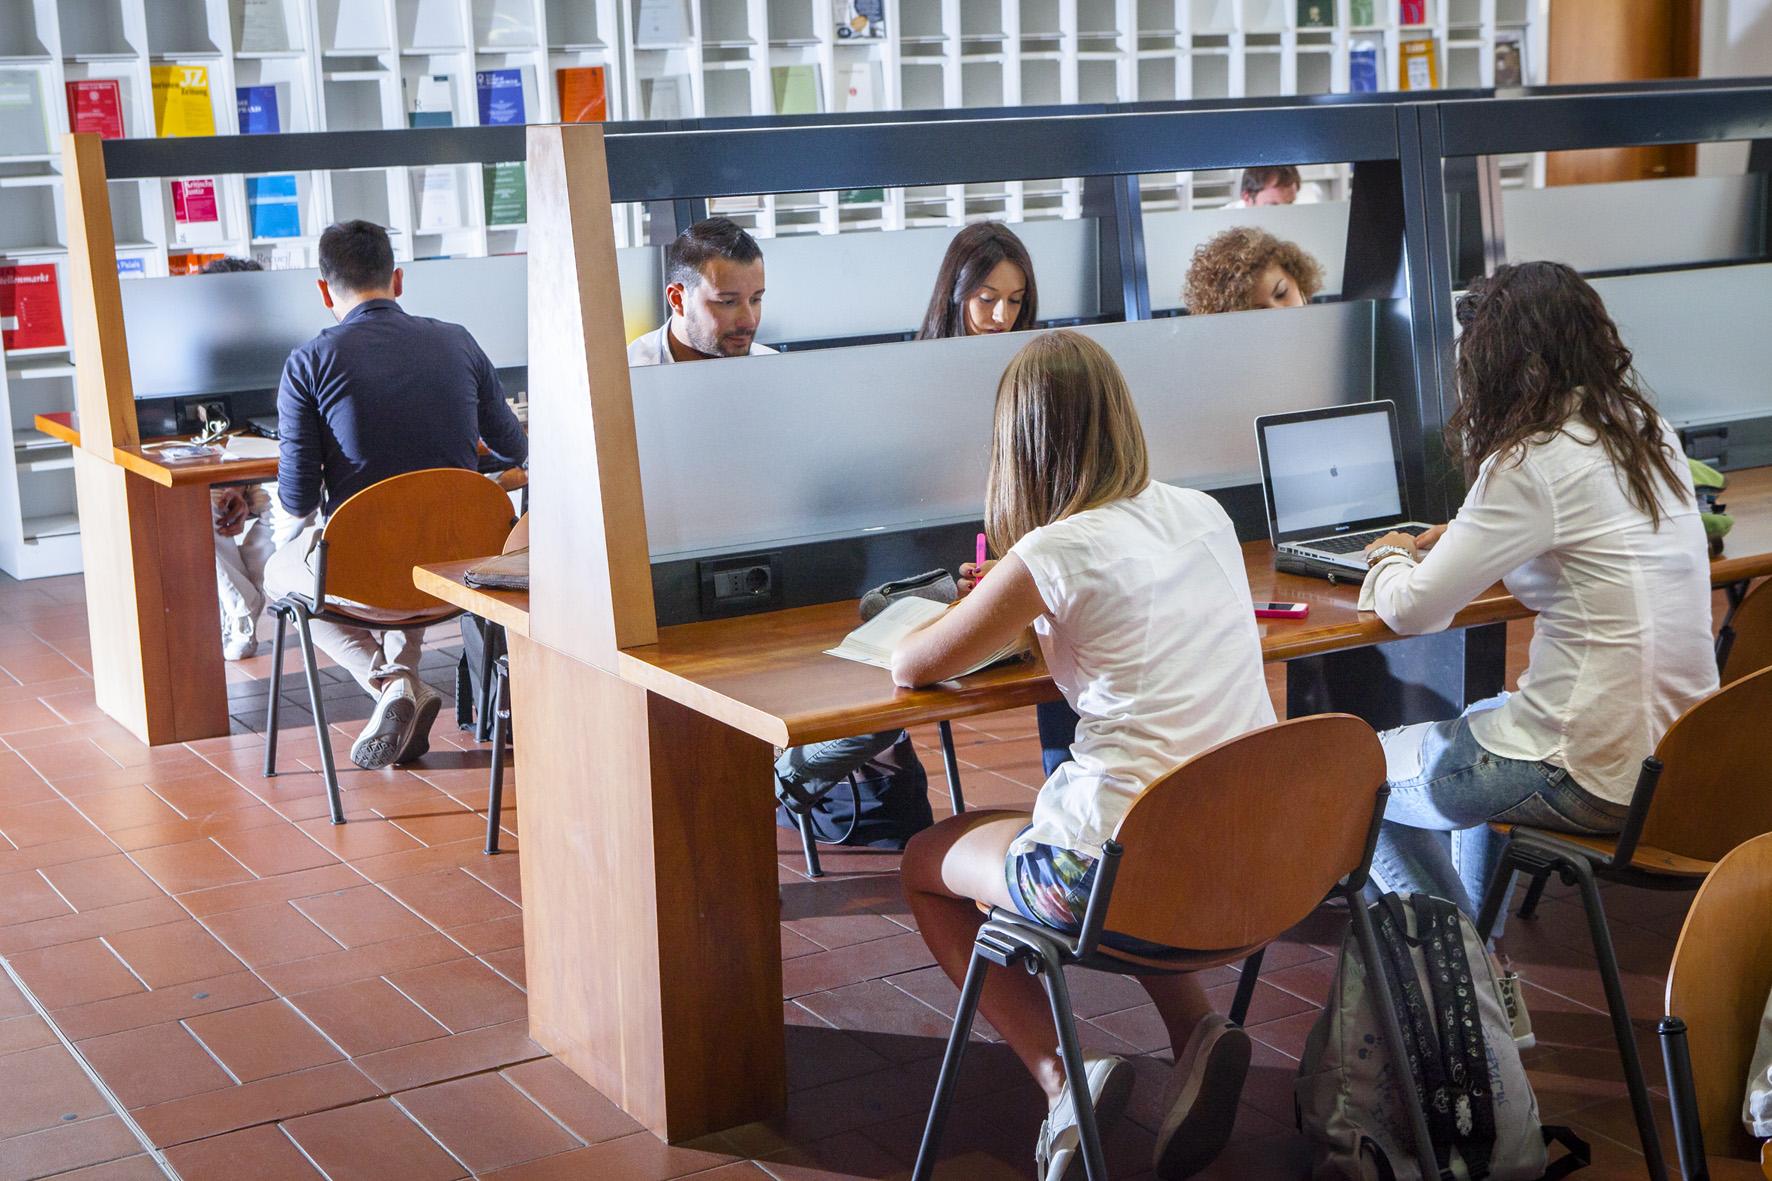 41. ITALIANI STUDENTI. FOTO MARIO LLORCA.WWW.MARIOLLORCA.COM